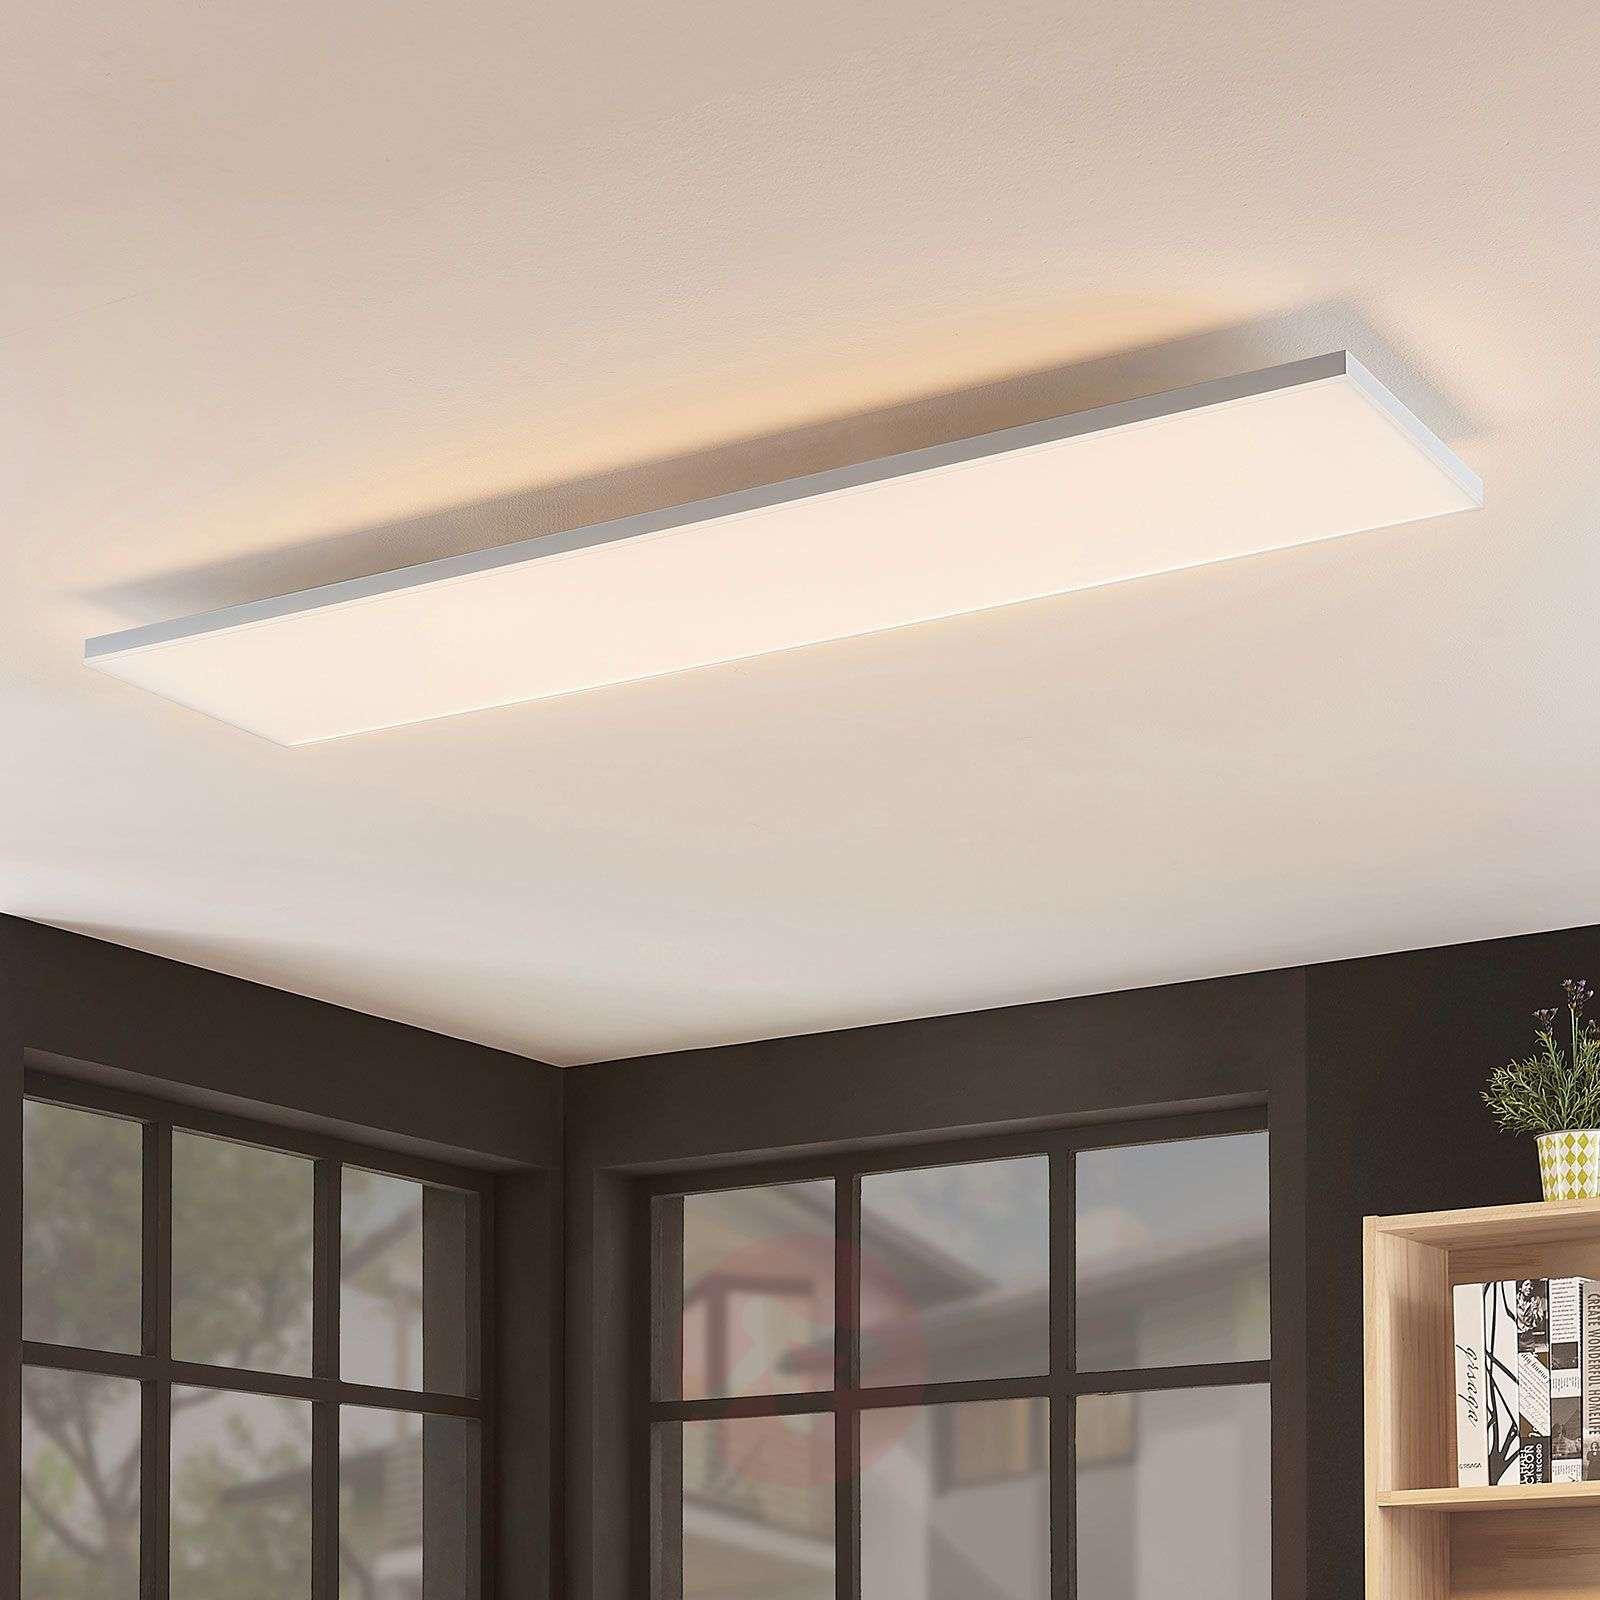 LED-paneeli Blaan CCT, kaukosäädin 119,5x29,5cm-9624331-01